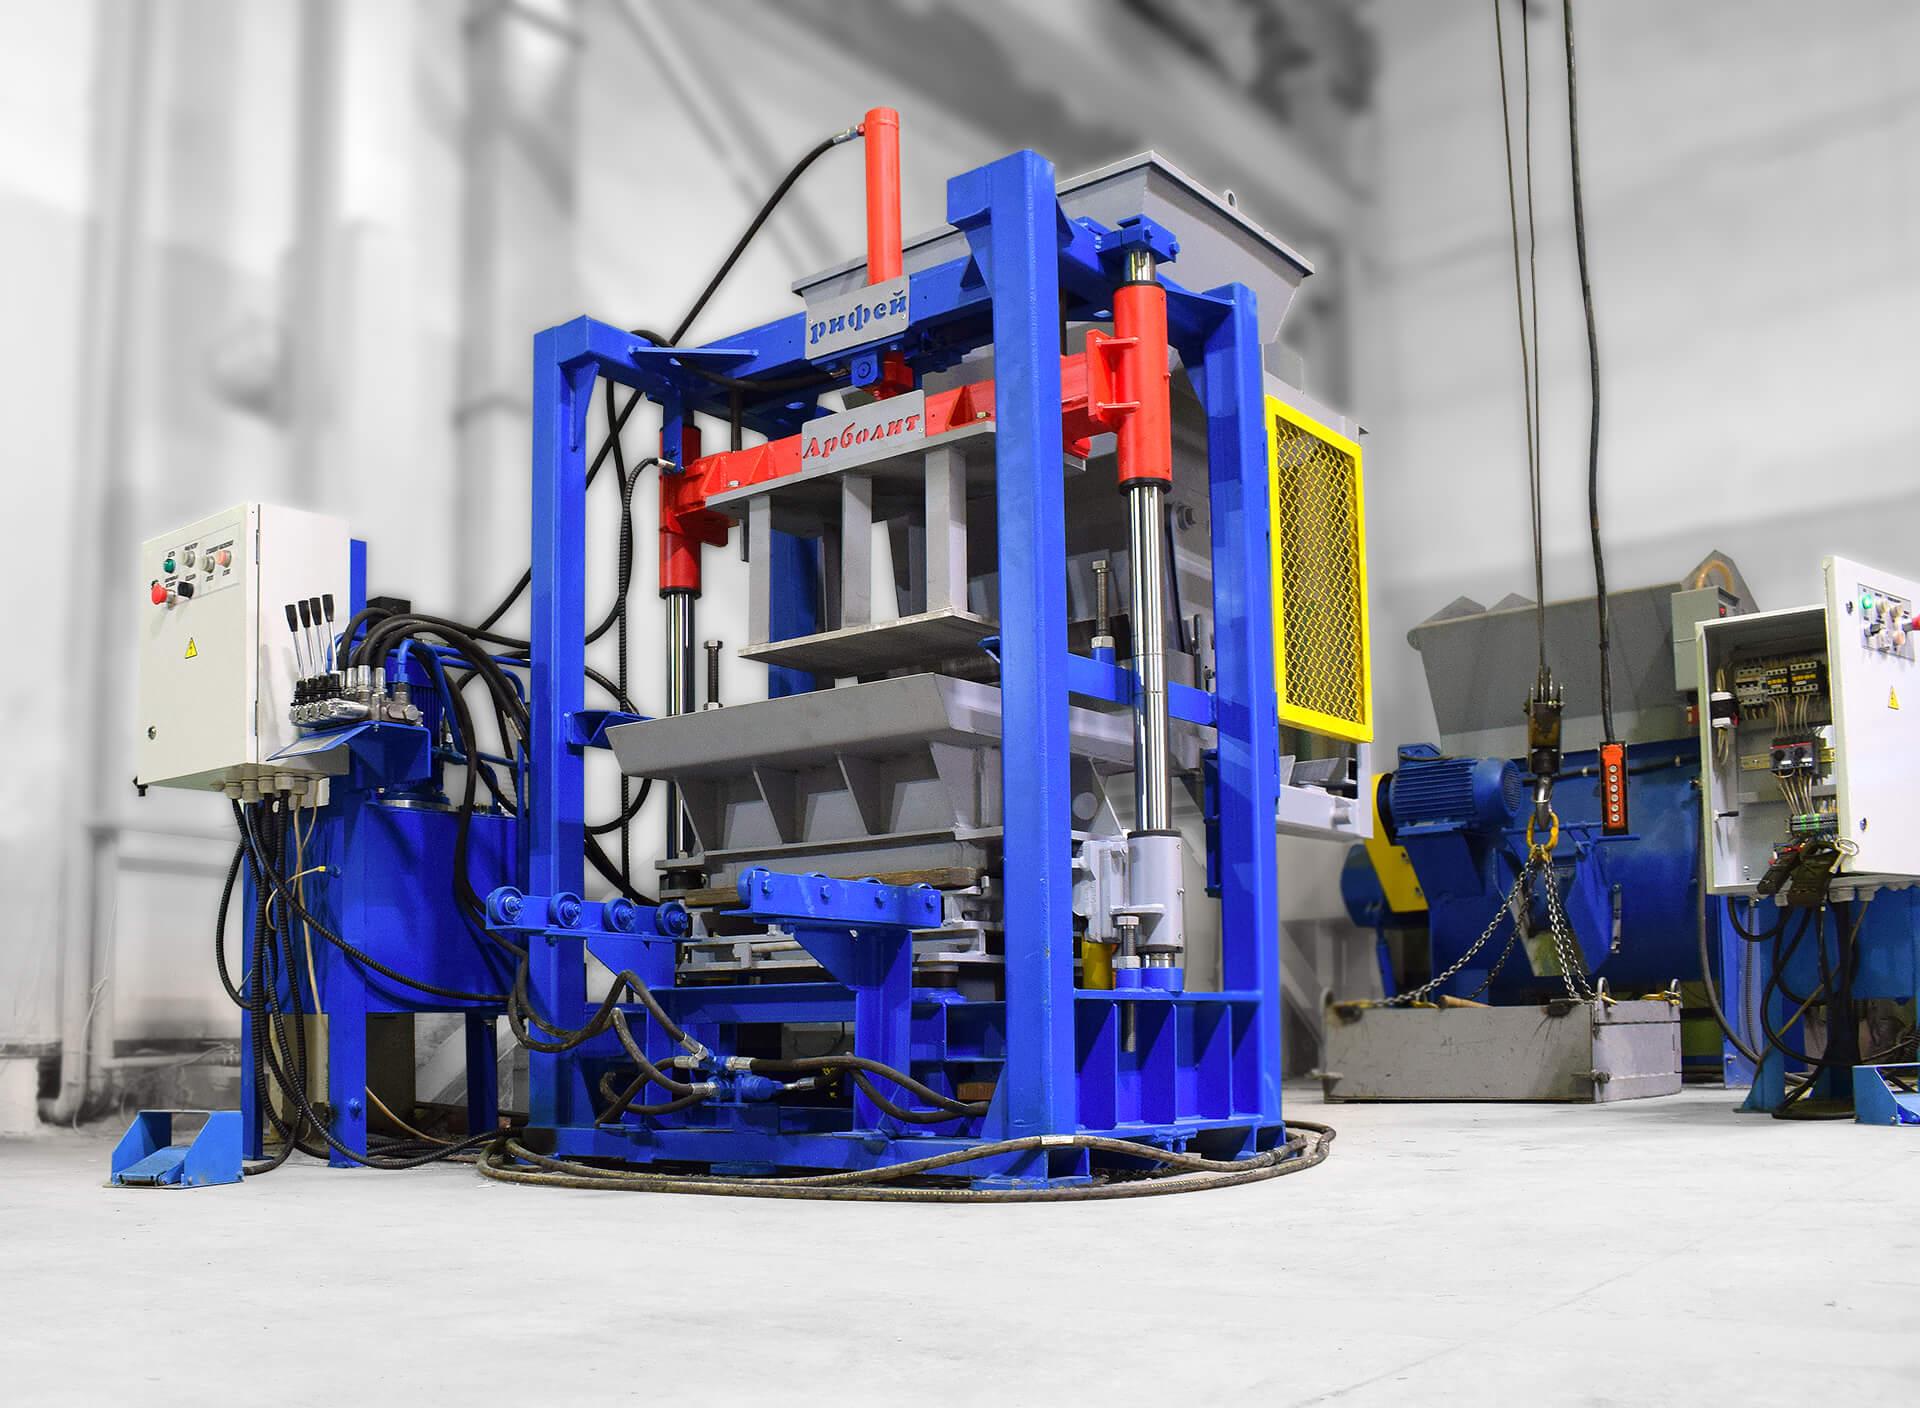 Вибропресс «Рифей-Арболит-С», купить в Златоусте, выгодная цена | Завод Стройтехника – Завод «Стройтехника»